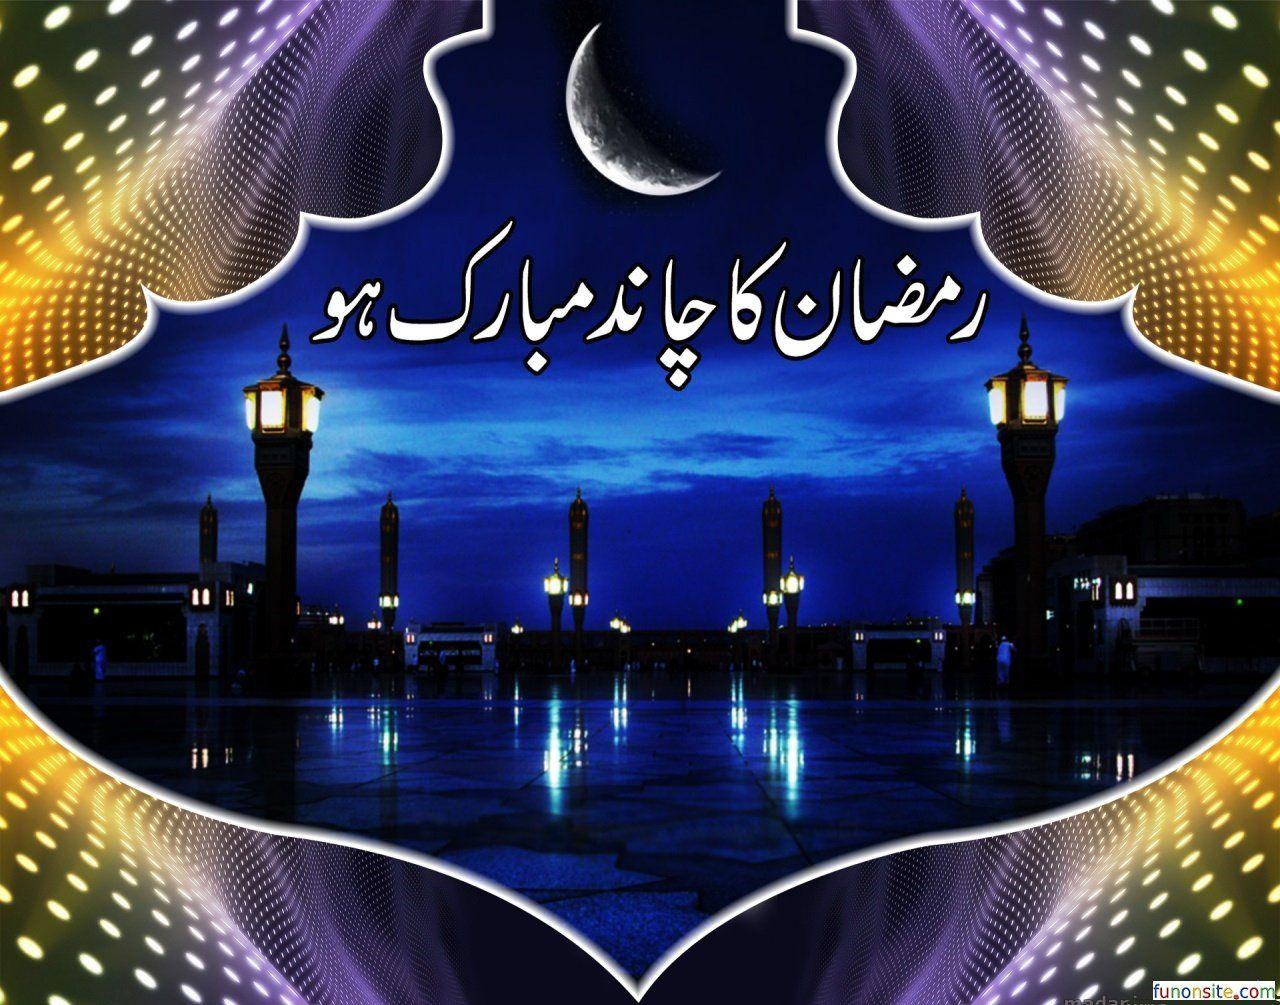 Ramazan Ka Chand Mubarak Images 2019 Free Download Funonsite Chand Mubarak Image Mubarak Images Islamic Pictures